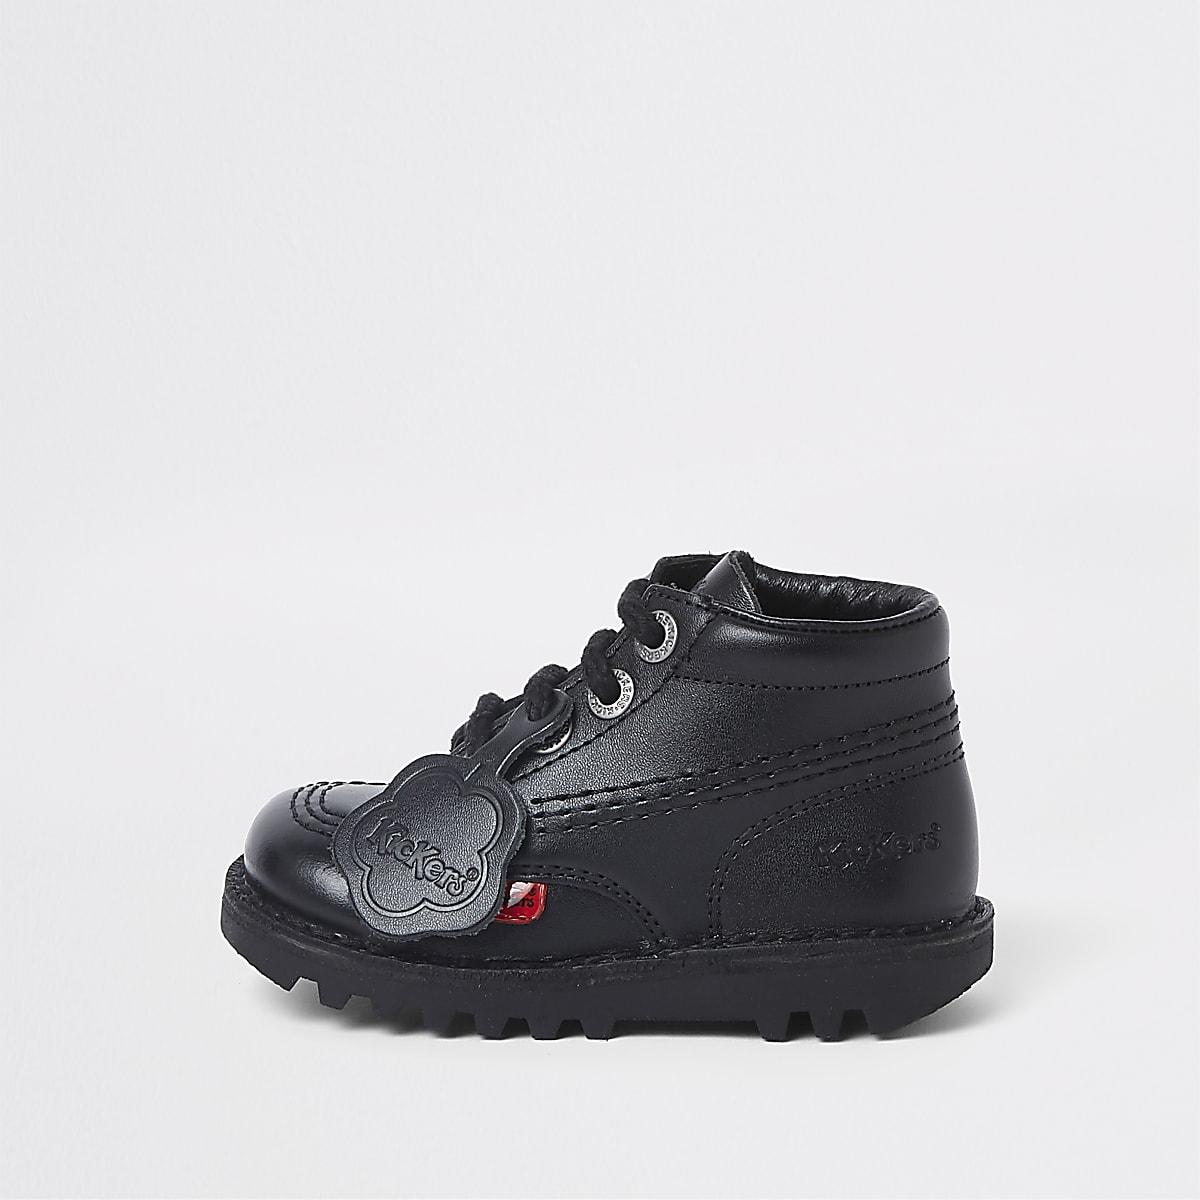 Mini - Kickers - Zwarte hoge veterschoenen voor kinderen